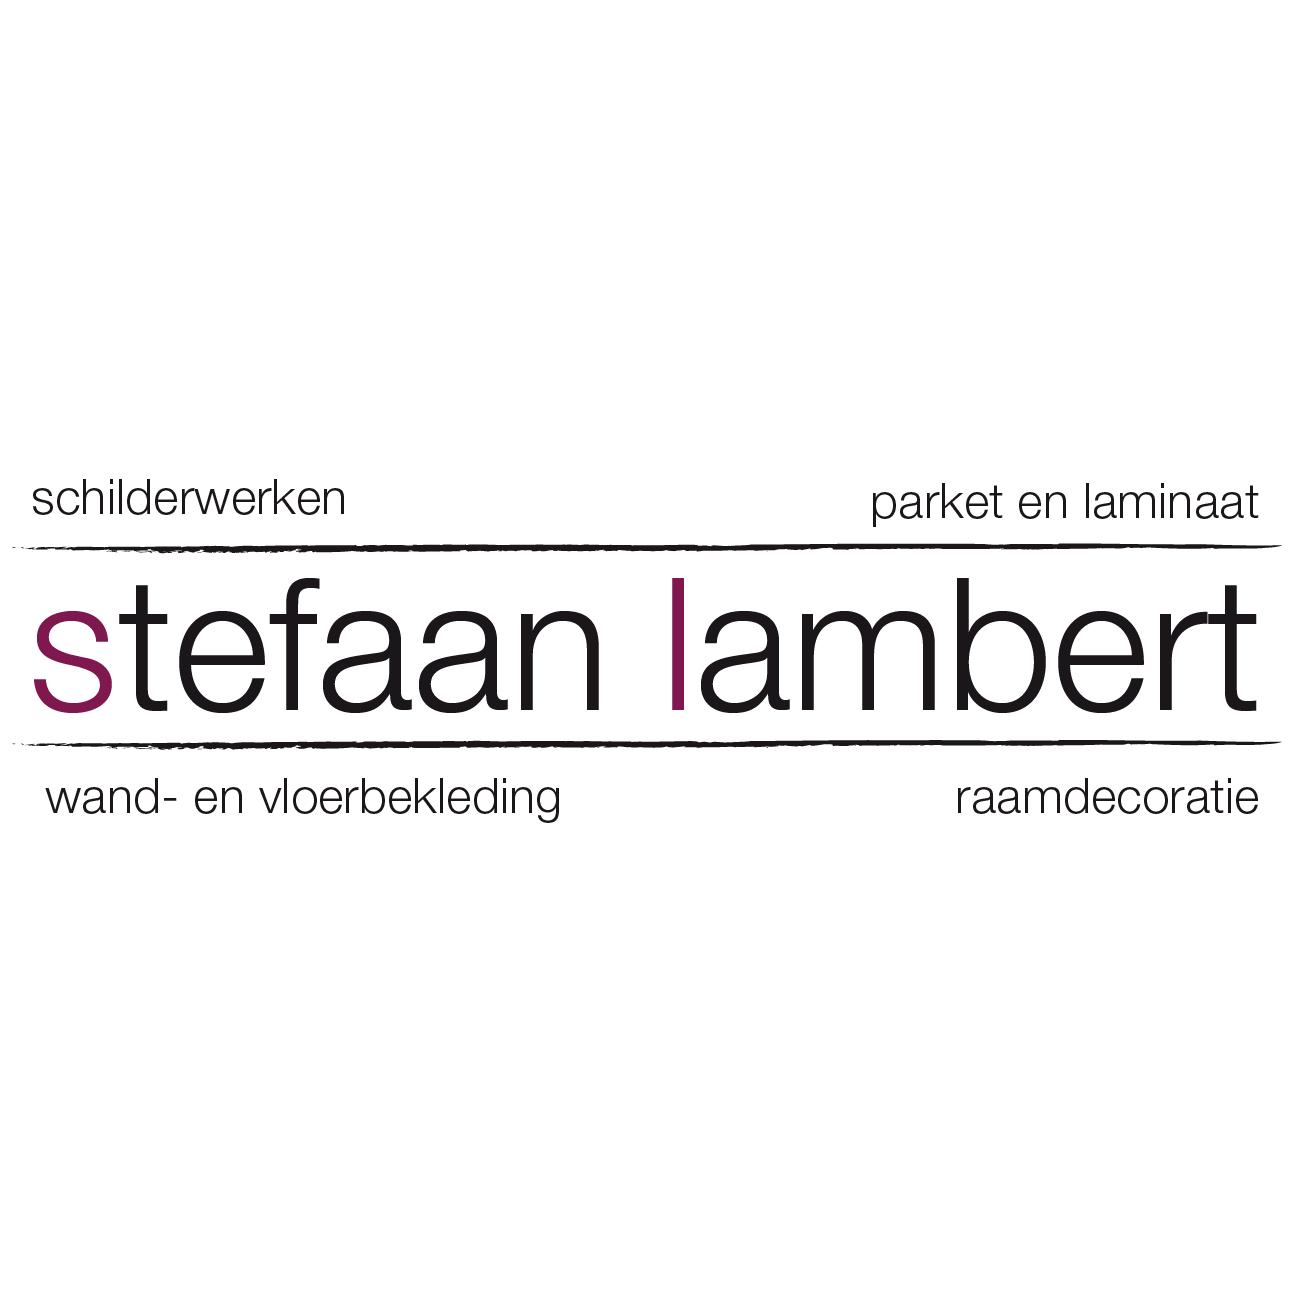 Stefaan Lambert